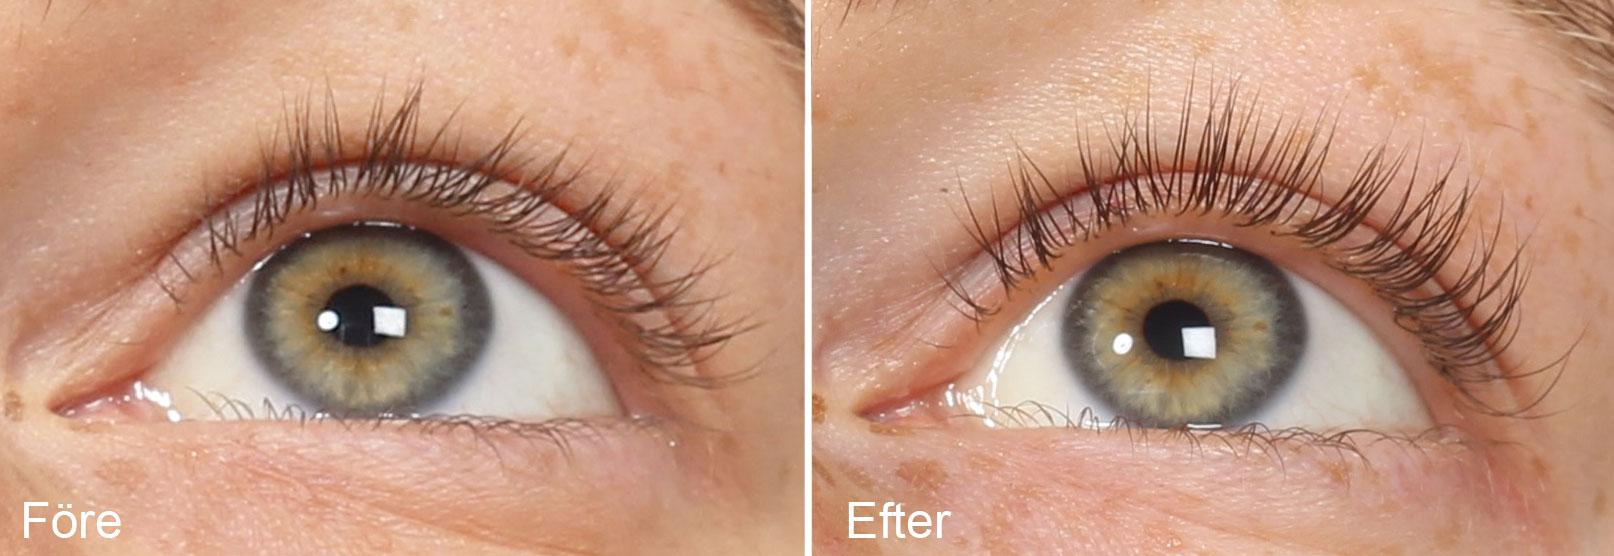 beauty-lash-före-efter